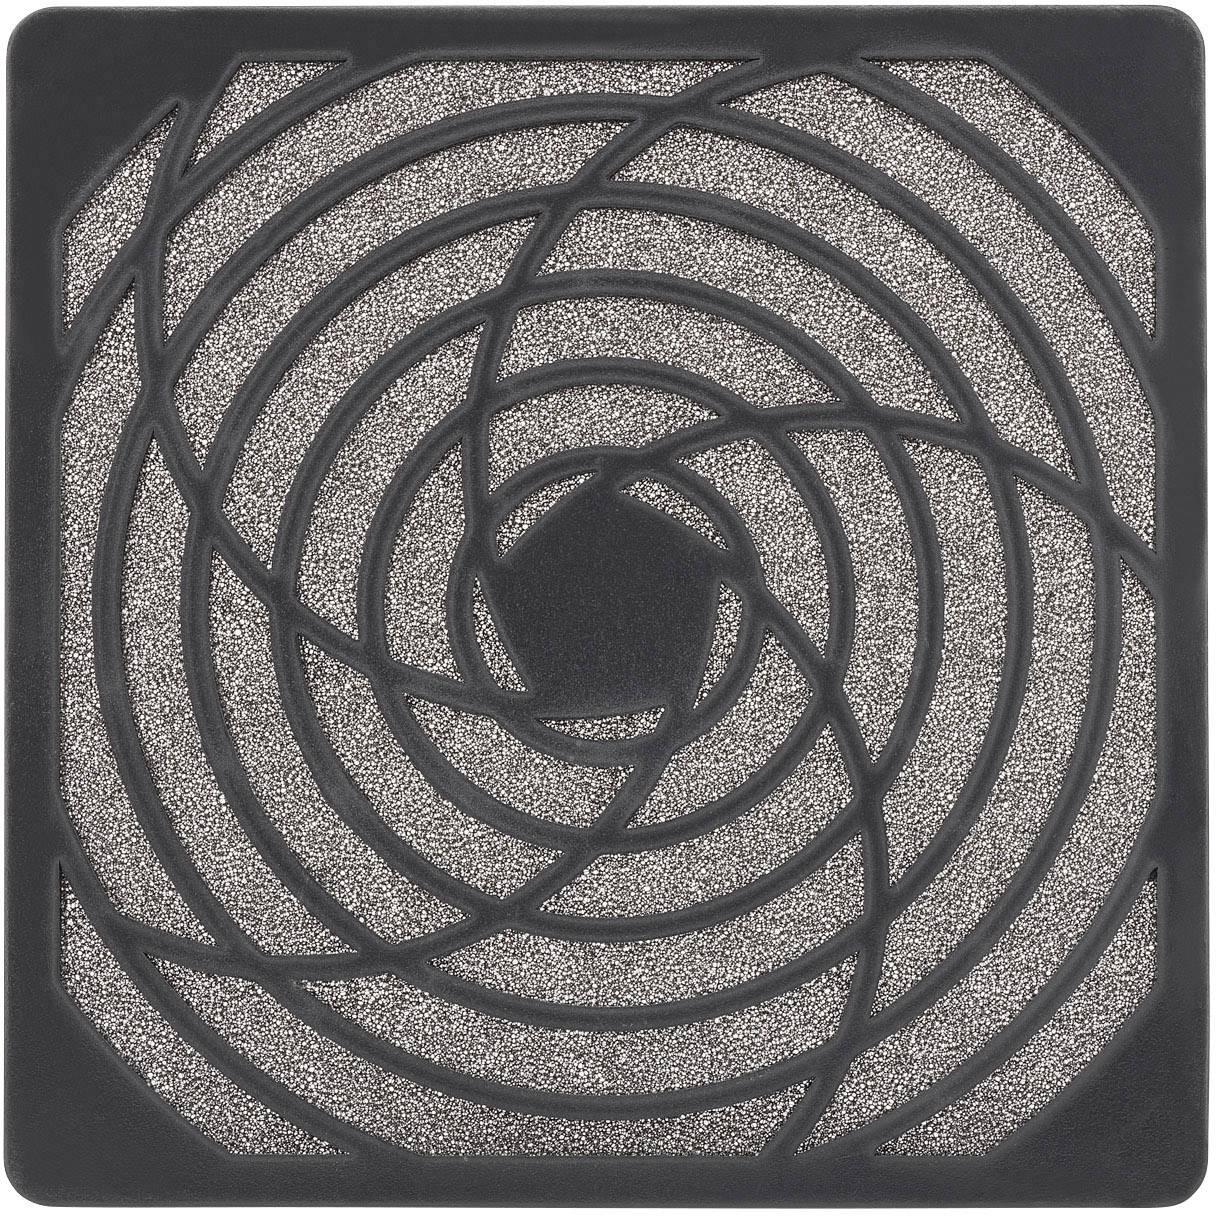 Vetracia mriežka s filtračnou vložkou PROFAN Technology;1408562, (š x v x h) 125 x 125 x 10.1 mm, 1 ks, umelá hmota